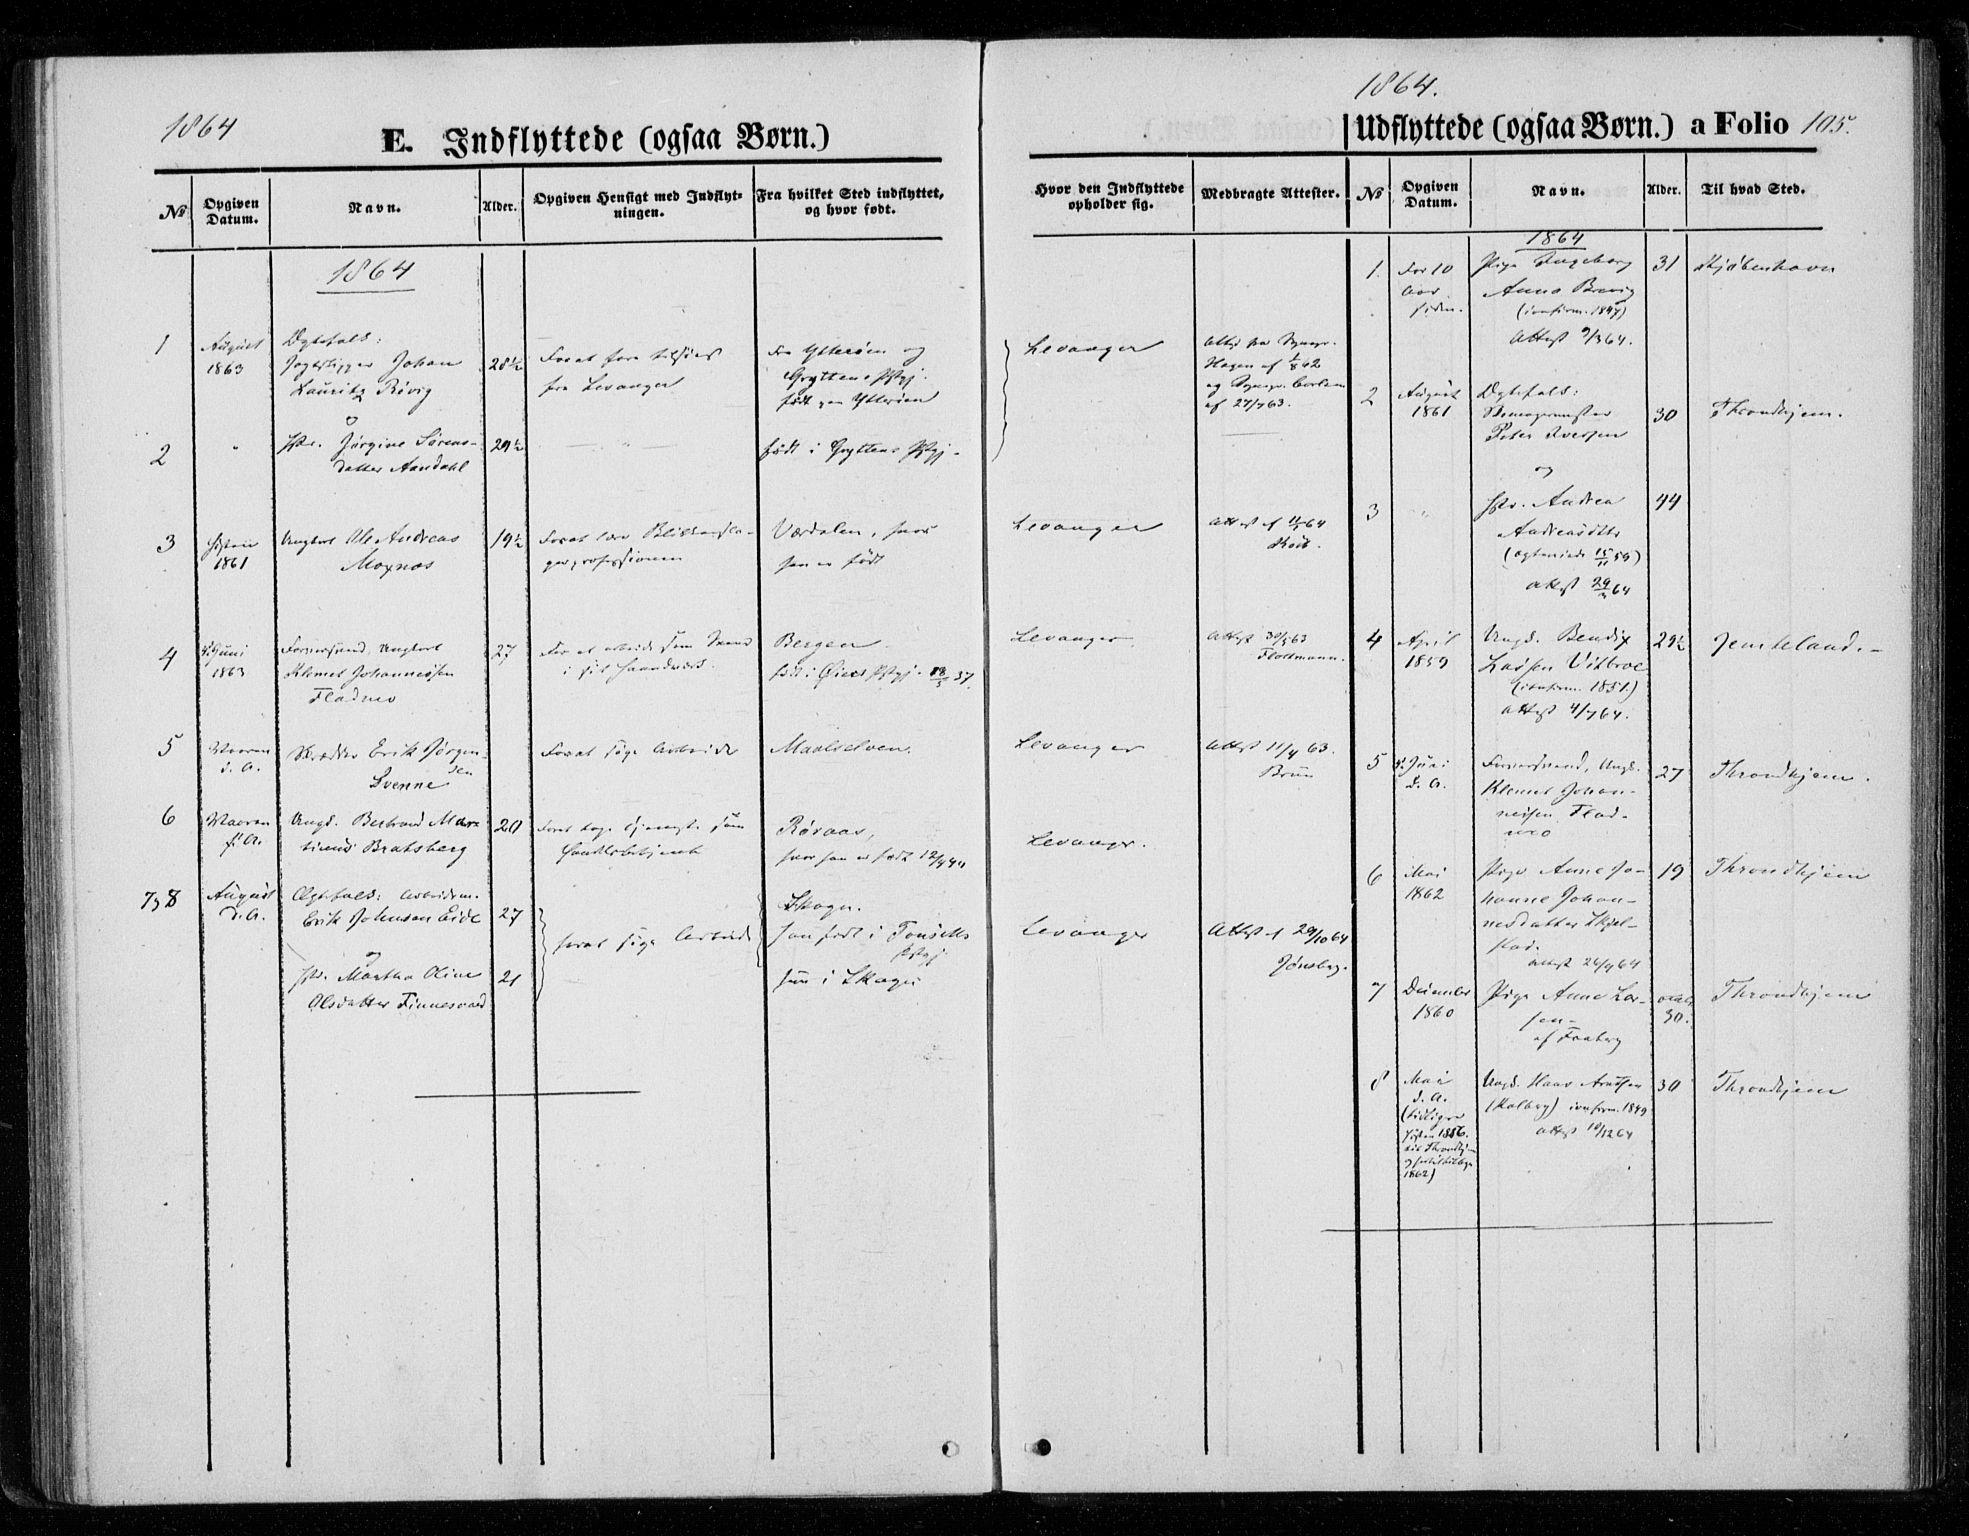 SAT, Ministerialprotokoller, klokkerbøker og fødselsregistre - Nord-Trøndelag, 720/L0186: Ministerialbok nr. 720A03, 1864-1874, s. 105